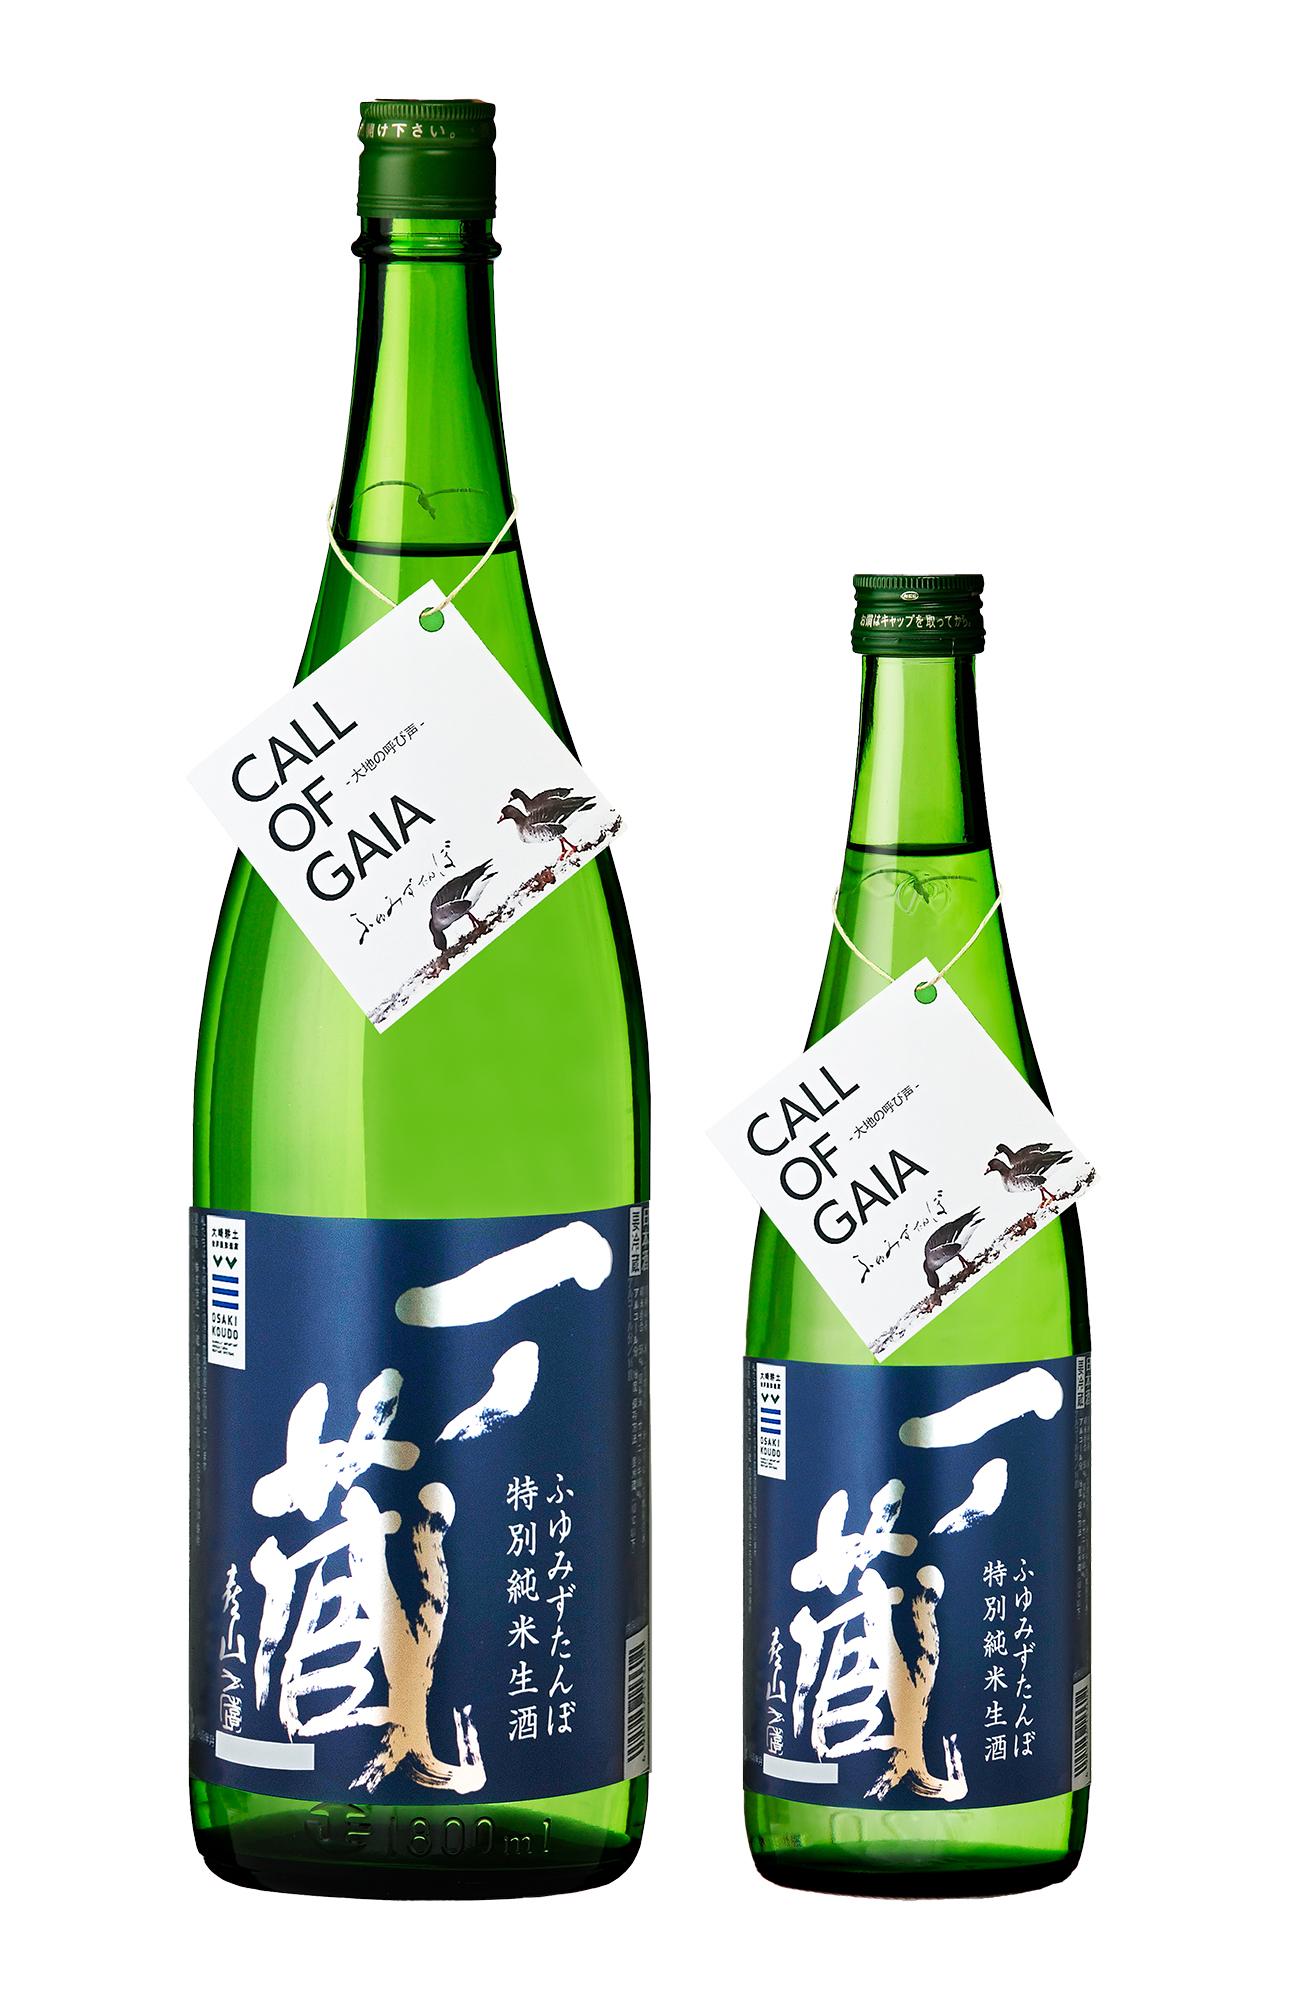 <日本名門酒会夏季限定商材>一ノ蔵特別純米生酒ふゆみずたんぼ4月7日発売